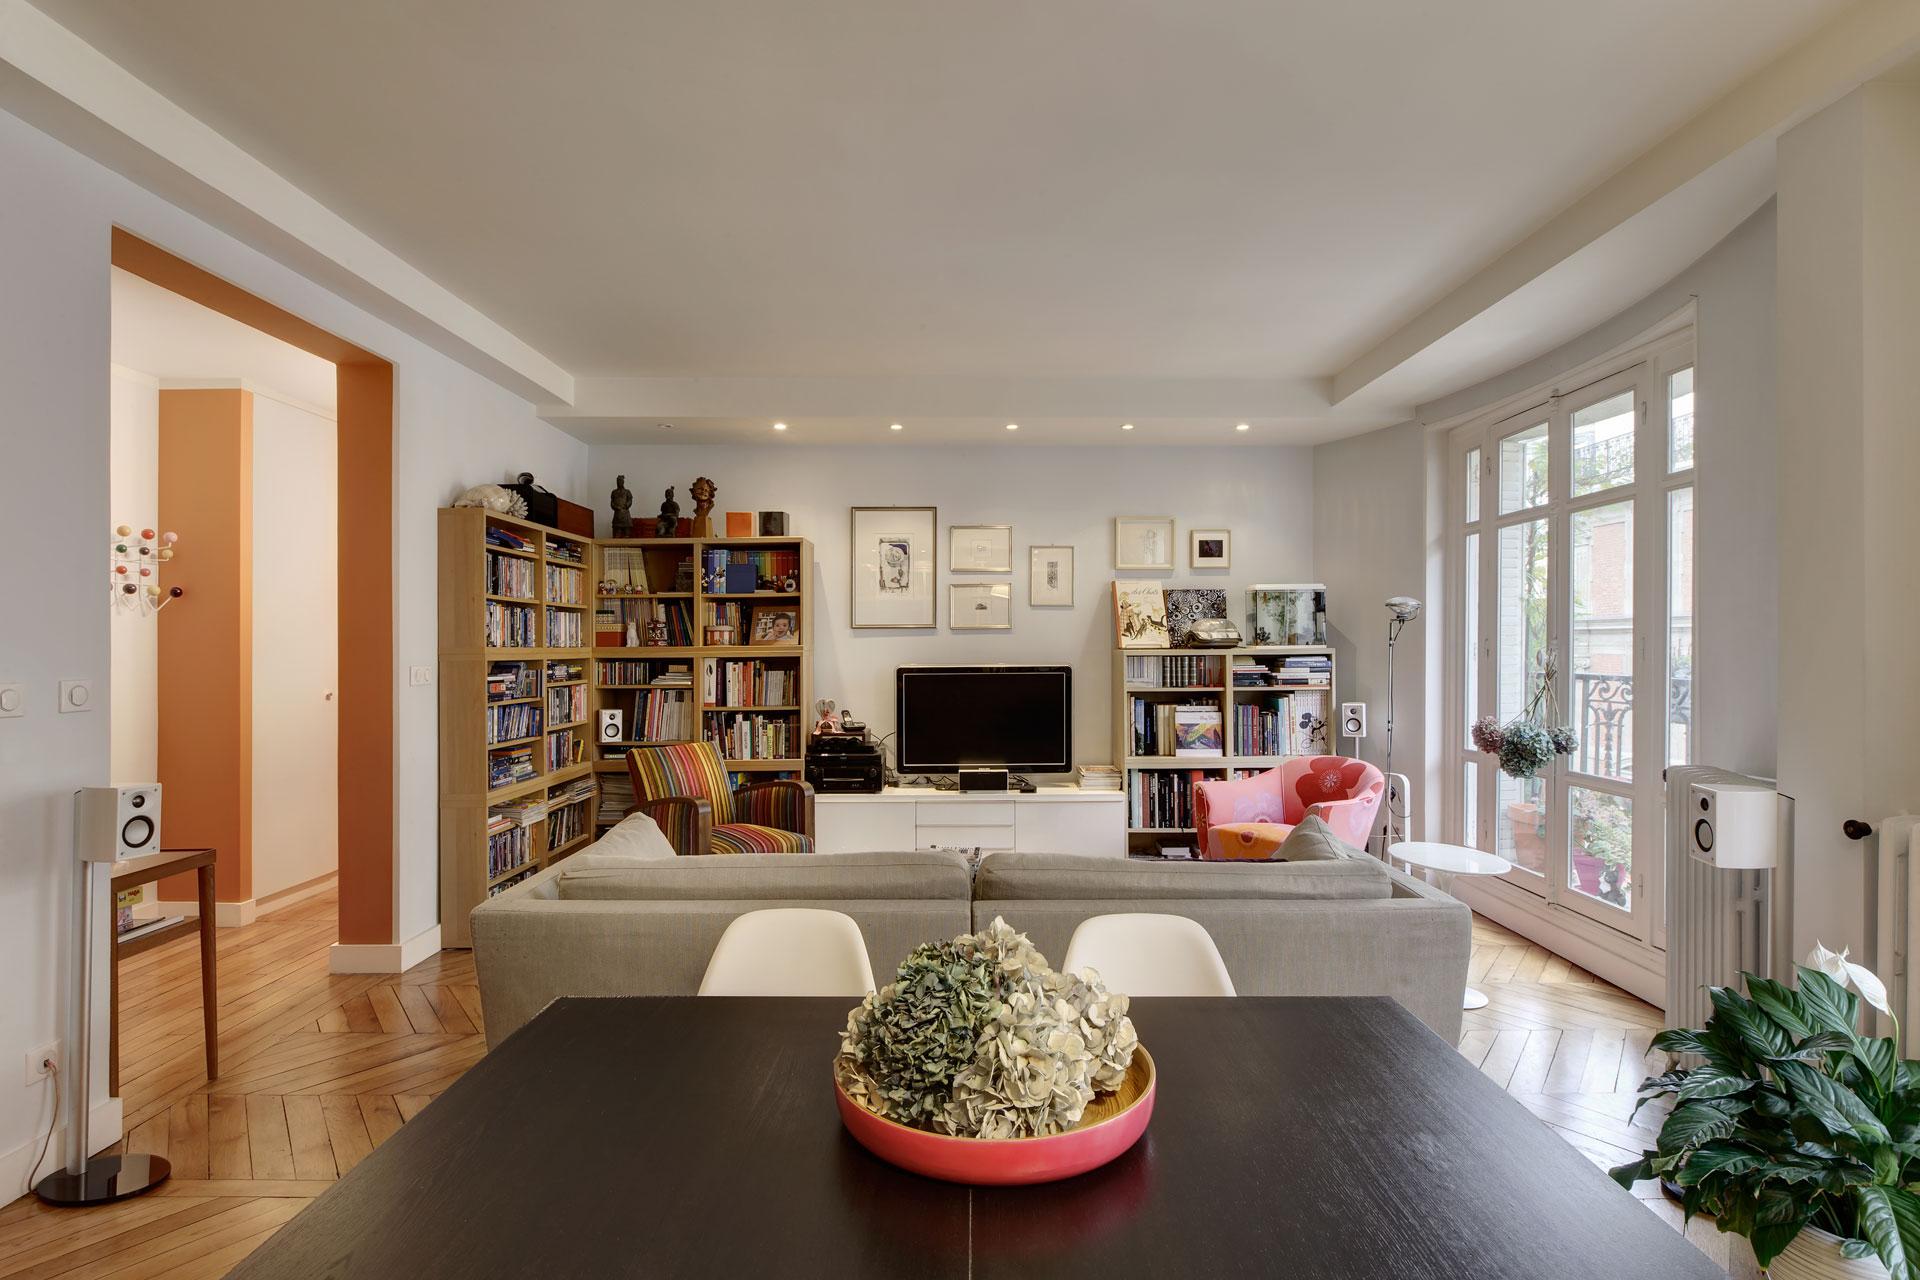 Renovation D Interieur Paris pisi design architectes. atelier d'architecture et